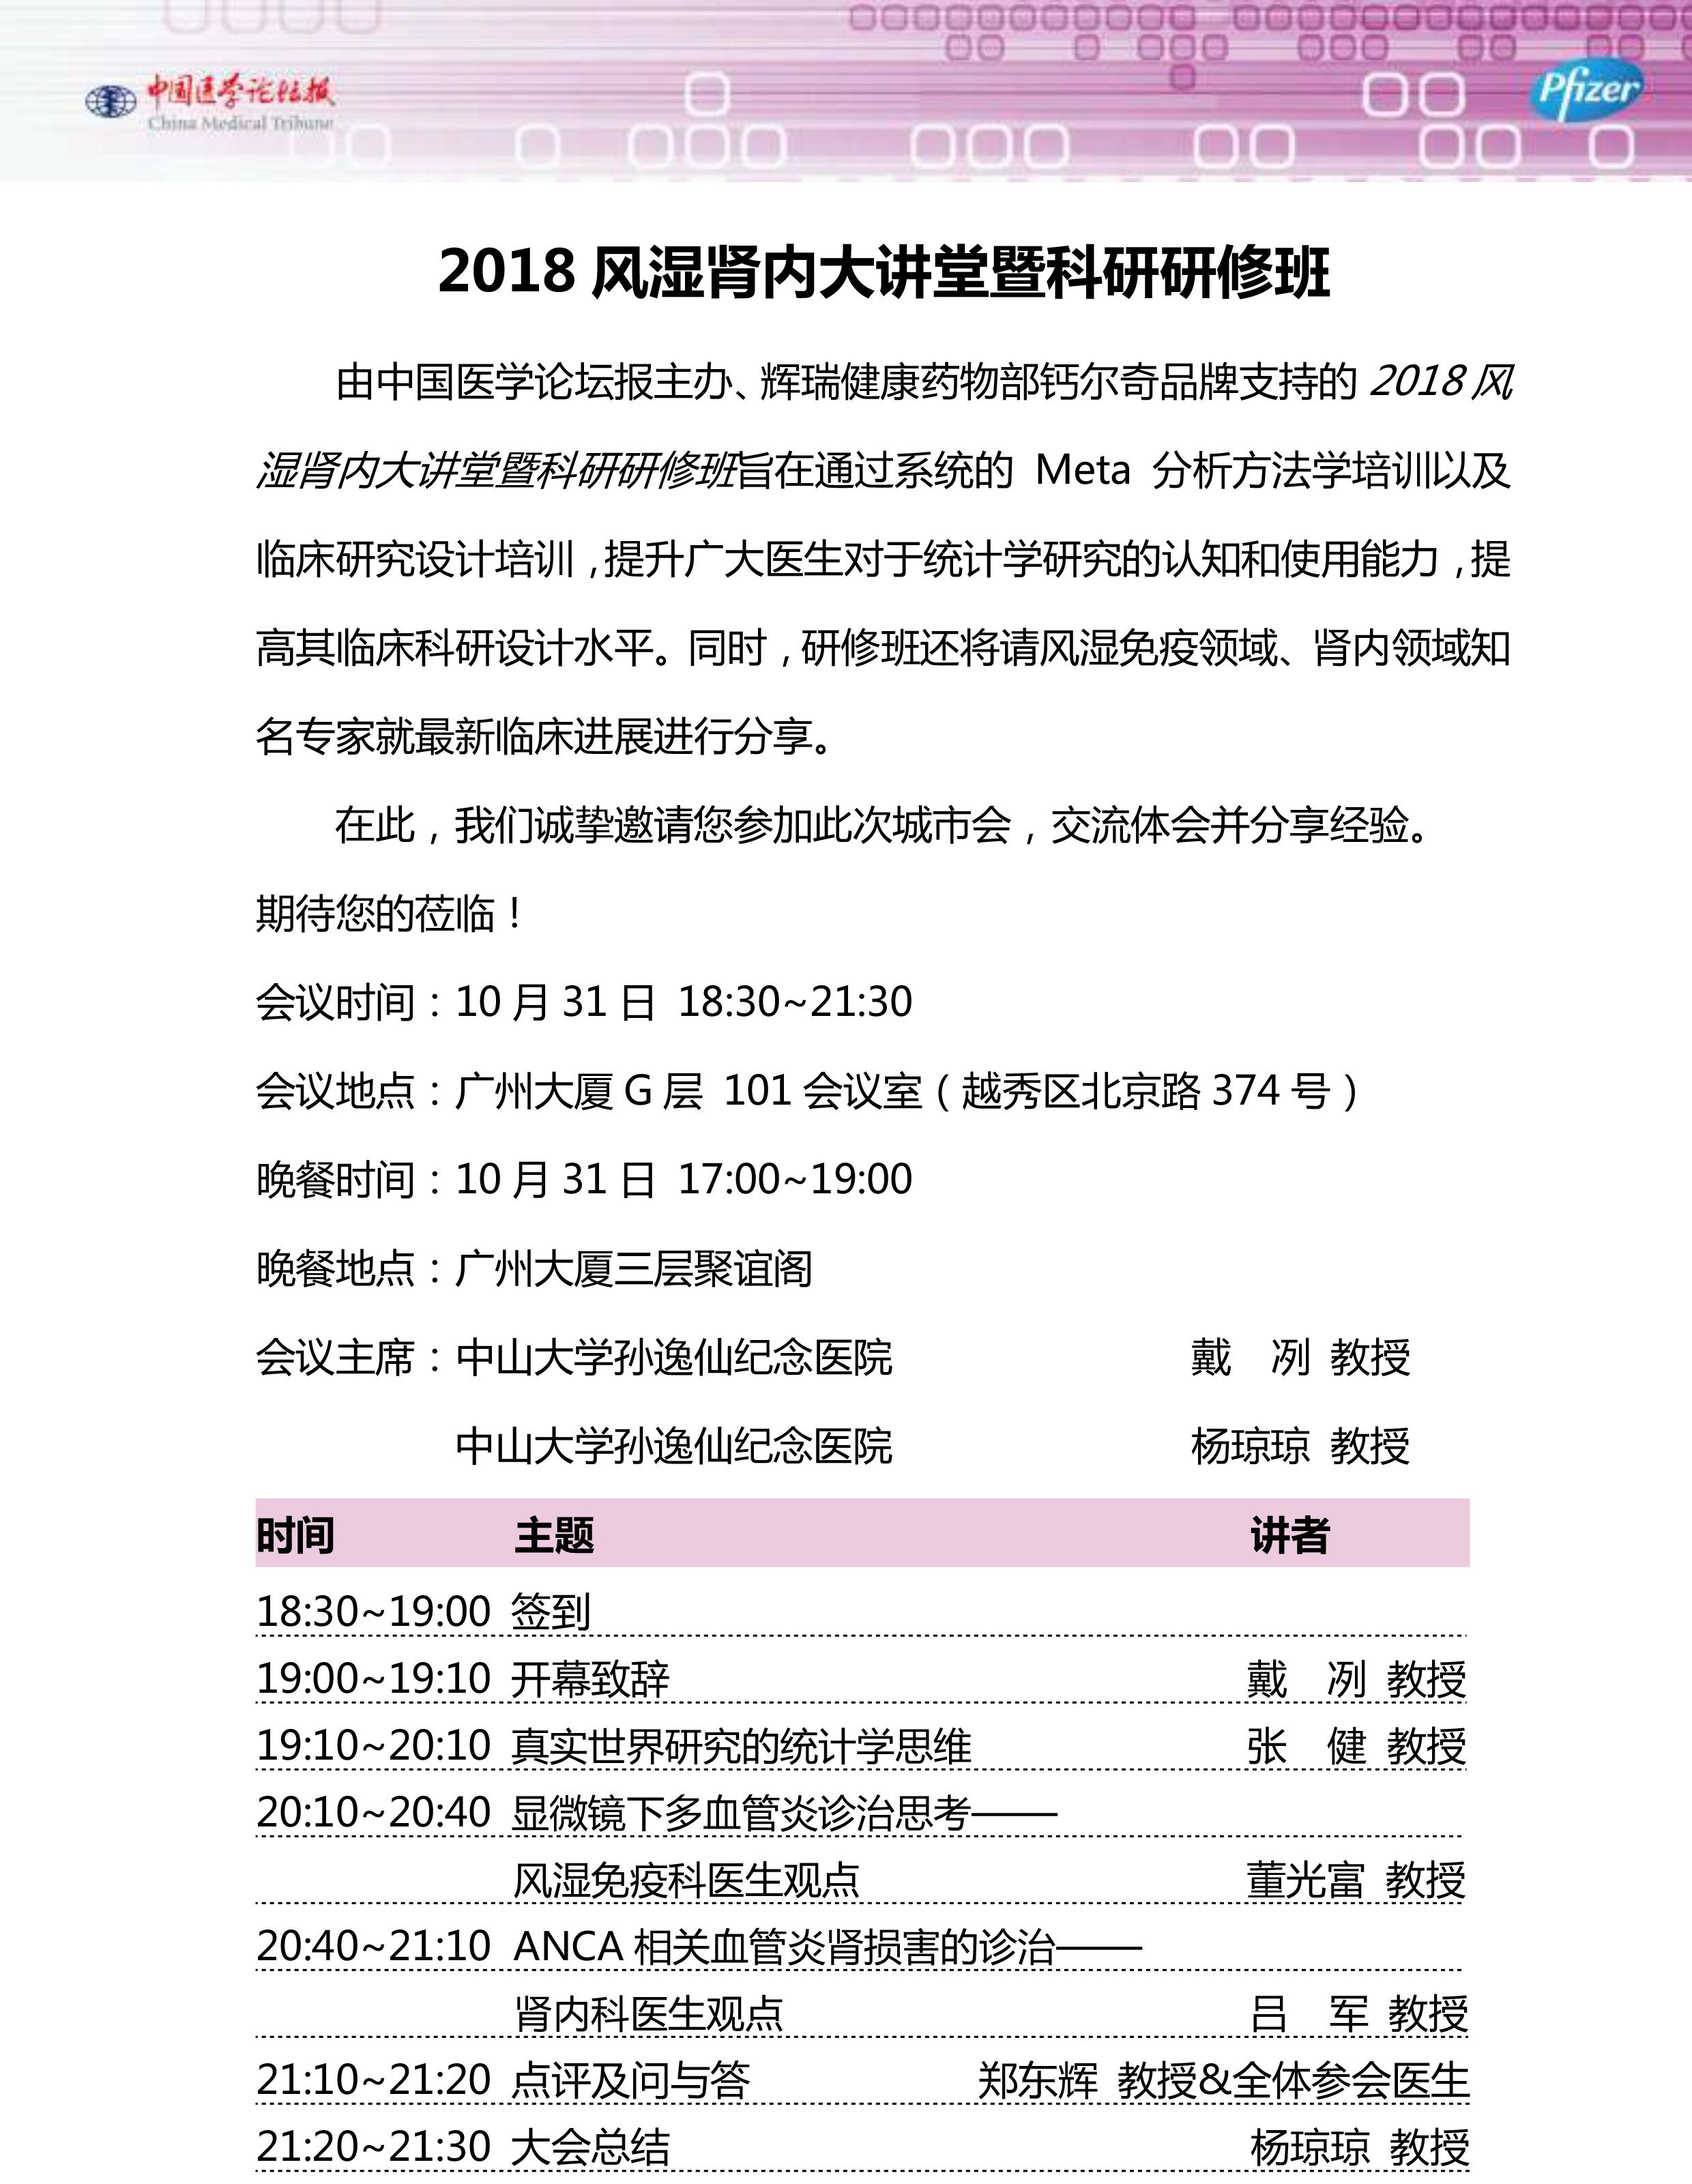 10.31广州会议日程(1).jpg